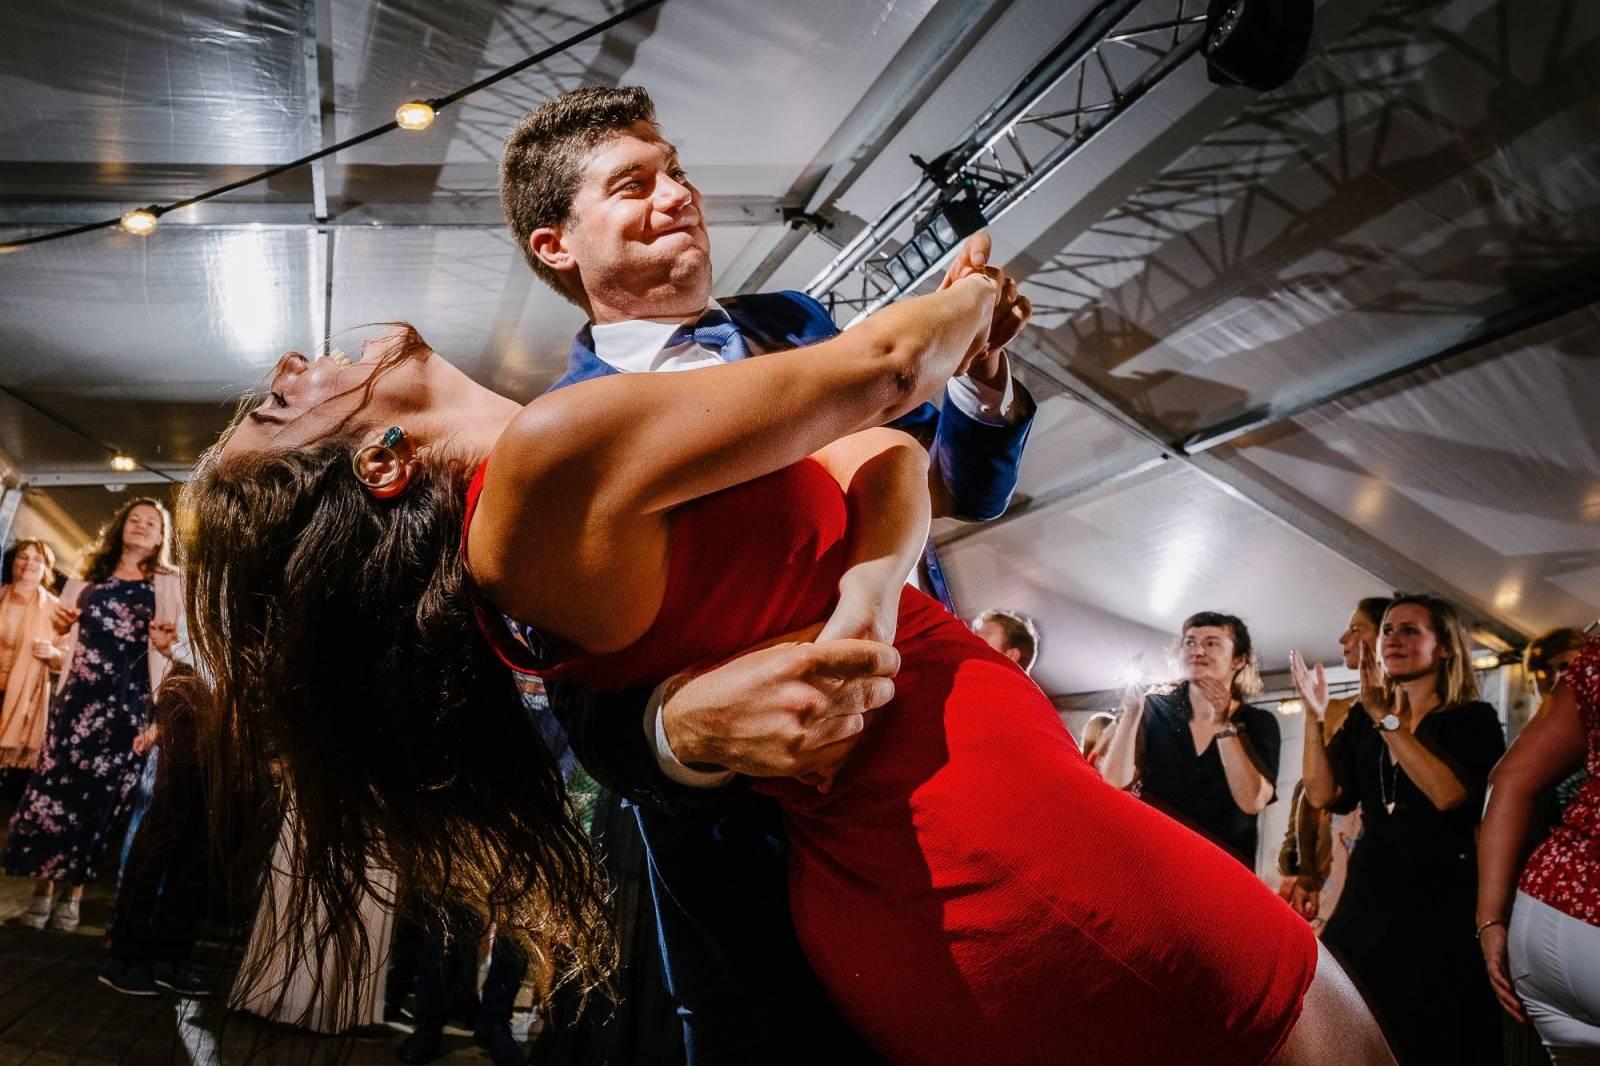 Jonas De Gent - Huwelijksfotograaf - House of Weddings - 17